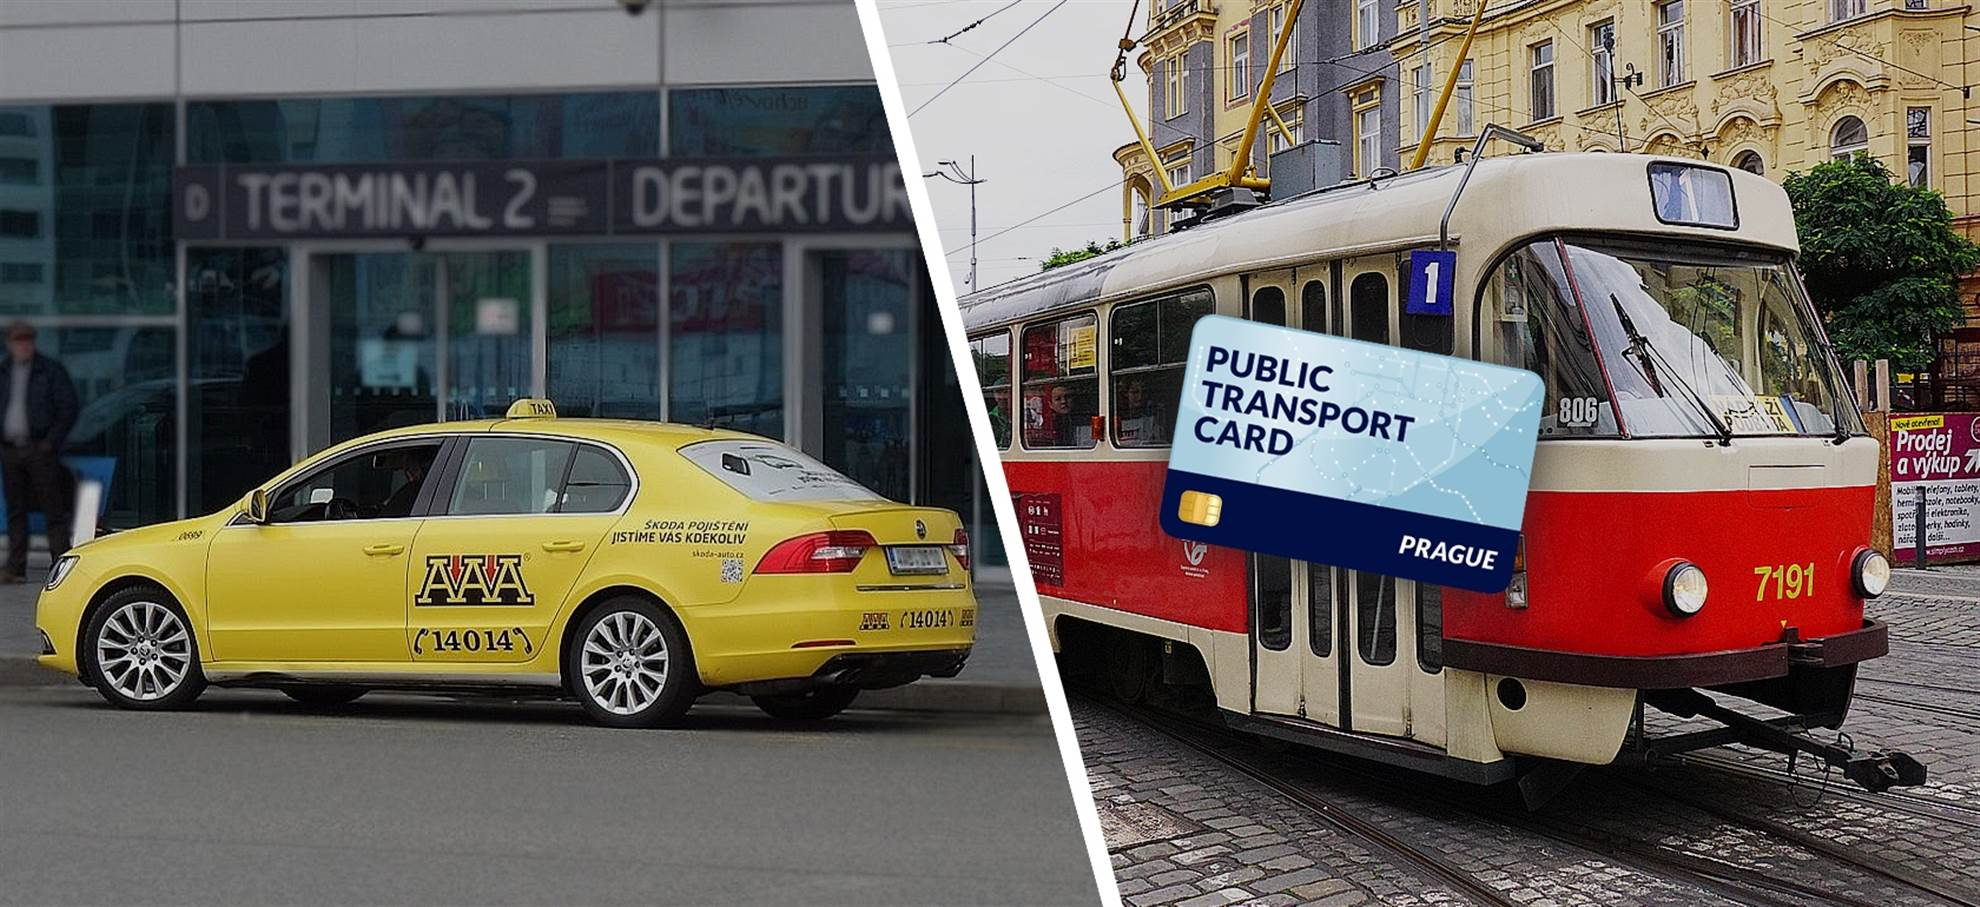 Praga Travel Card